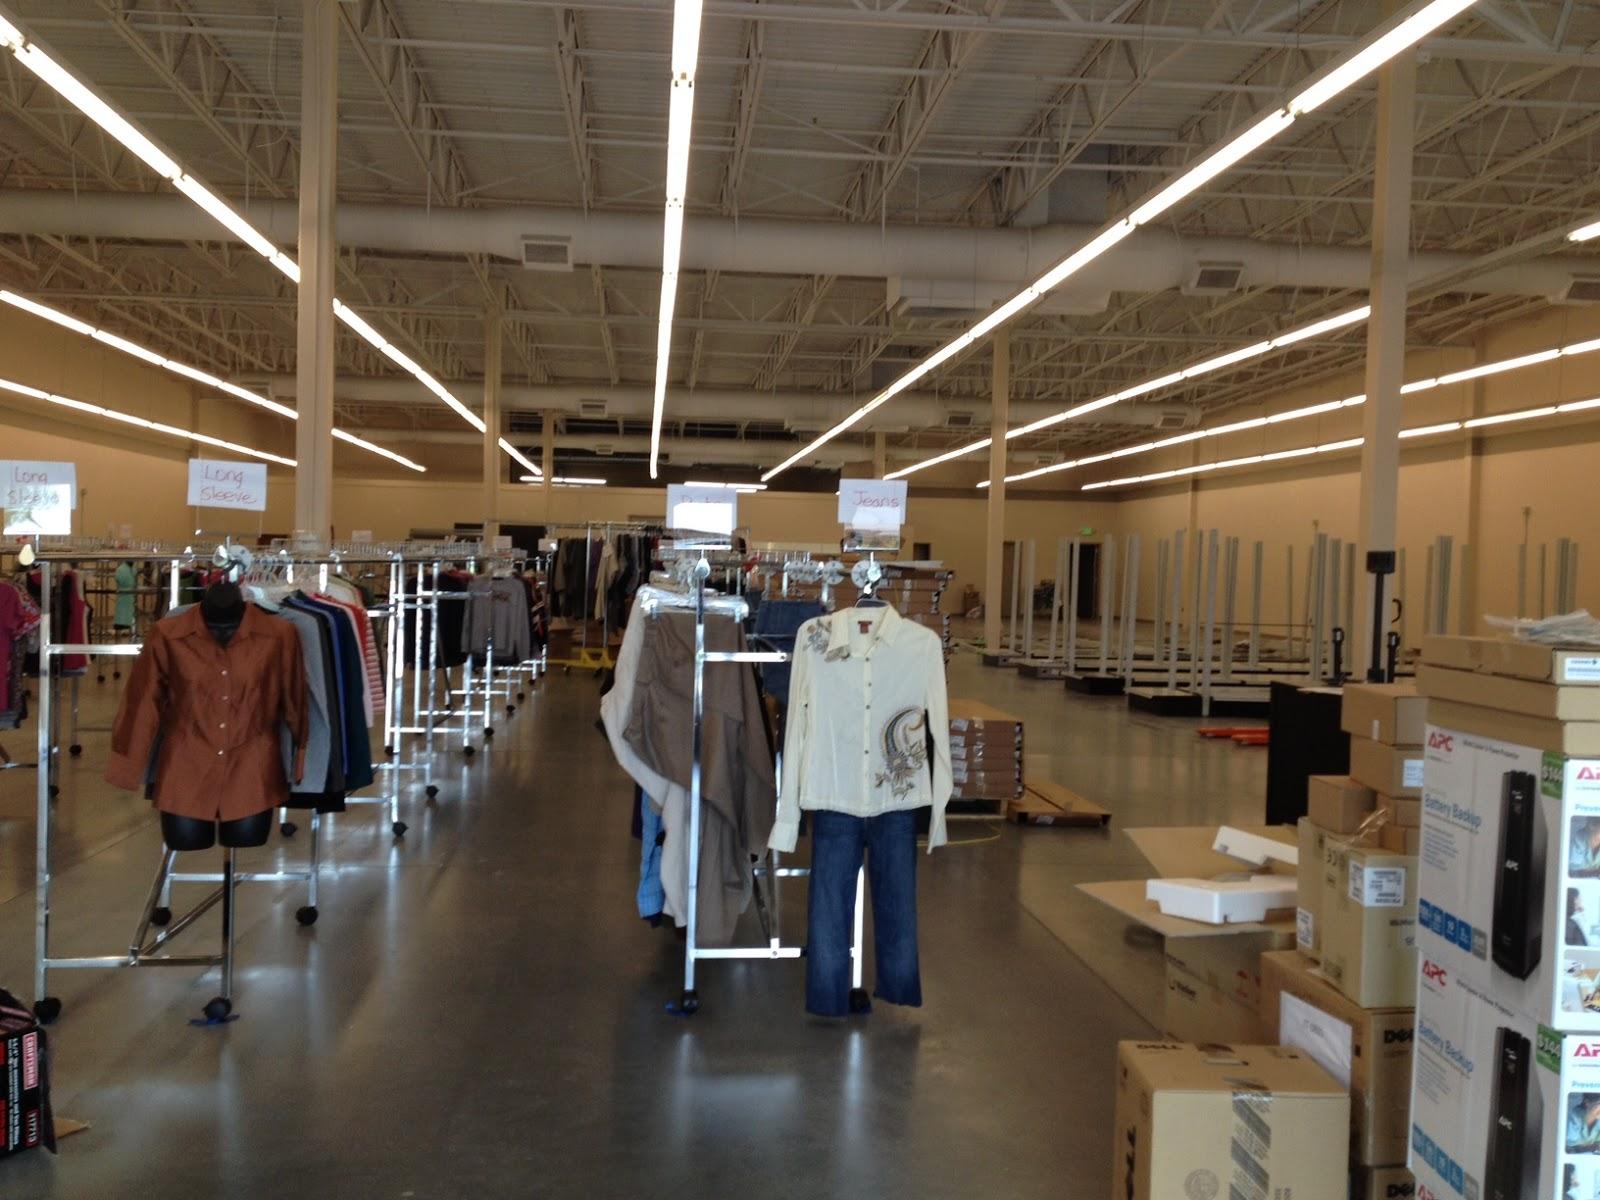 Thrift Stores Idaho Falls >> BizMojo Idaho: Idaho Youth Ranch plans to open new store ...